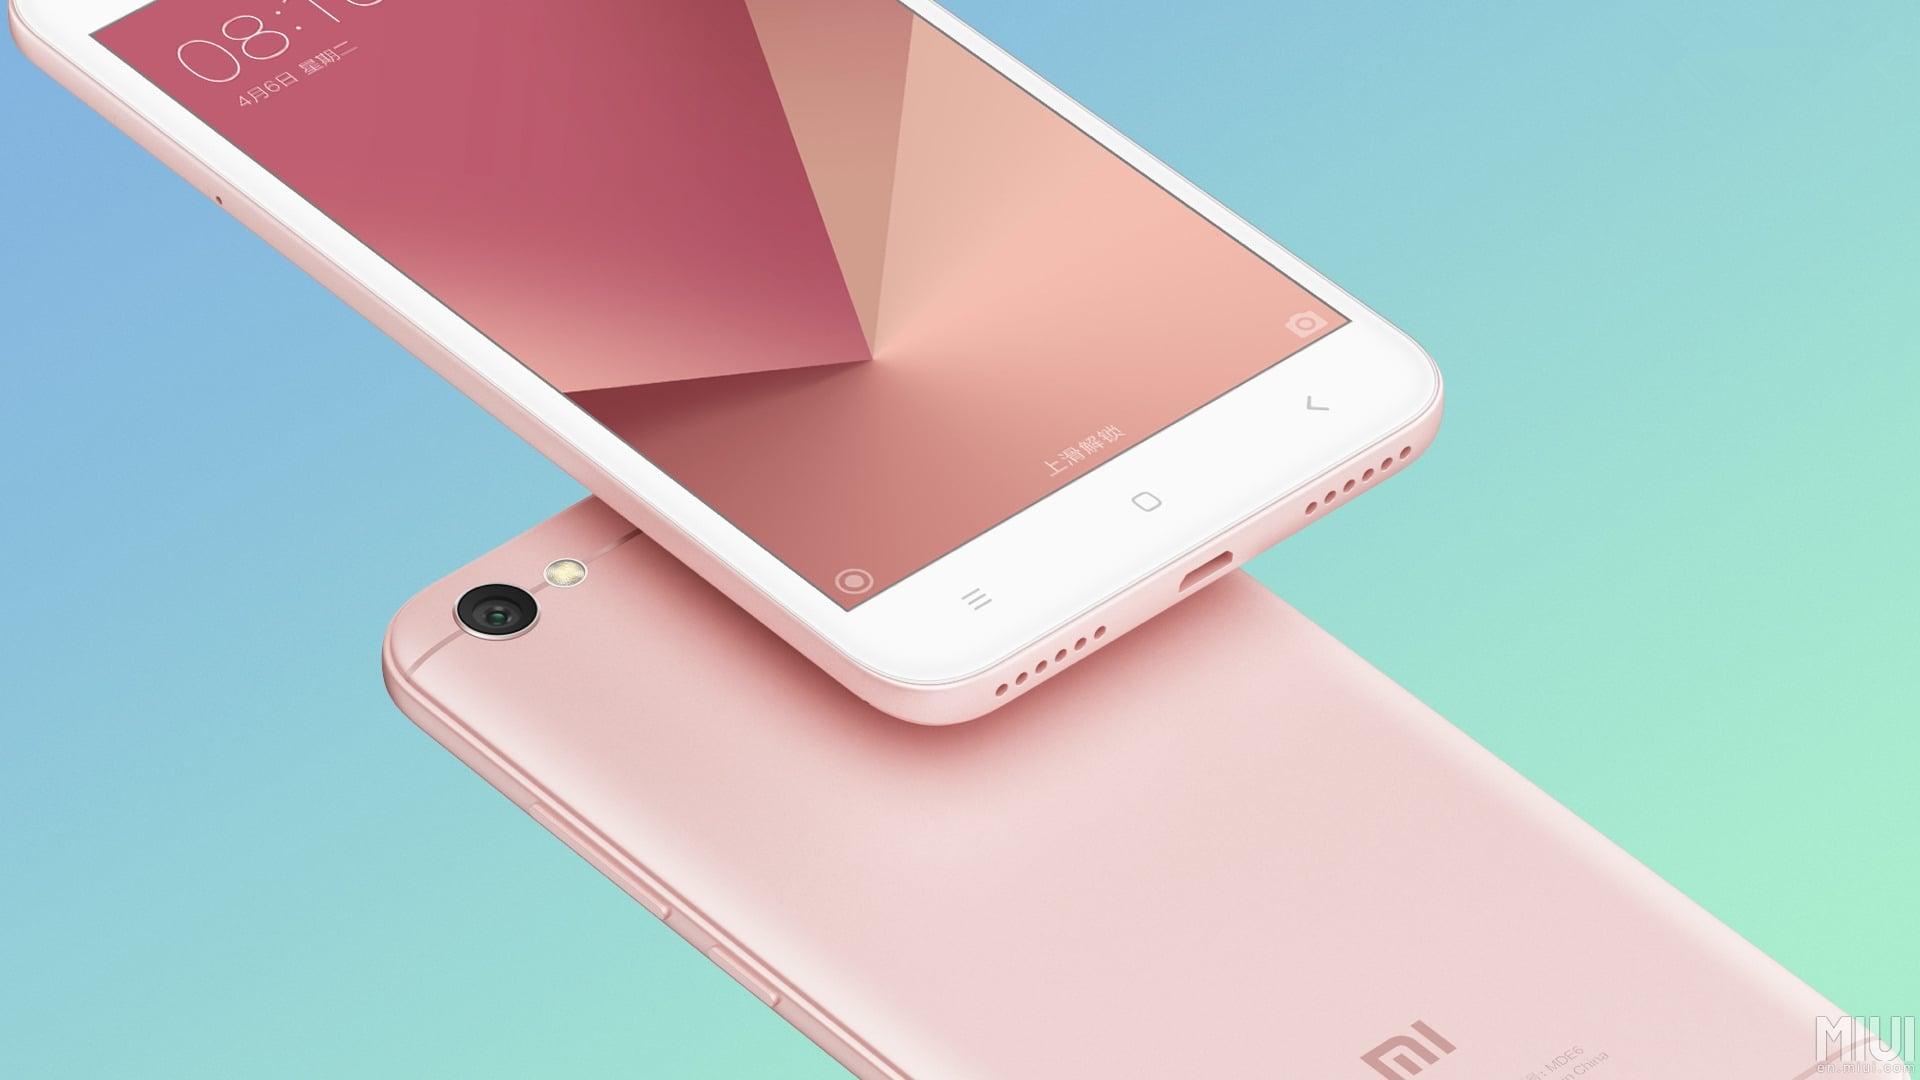 Tabletowo Premiera Xiaomi Redmi Note 5A Nie ma czytnika linii papilarnych i jest